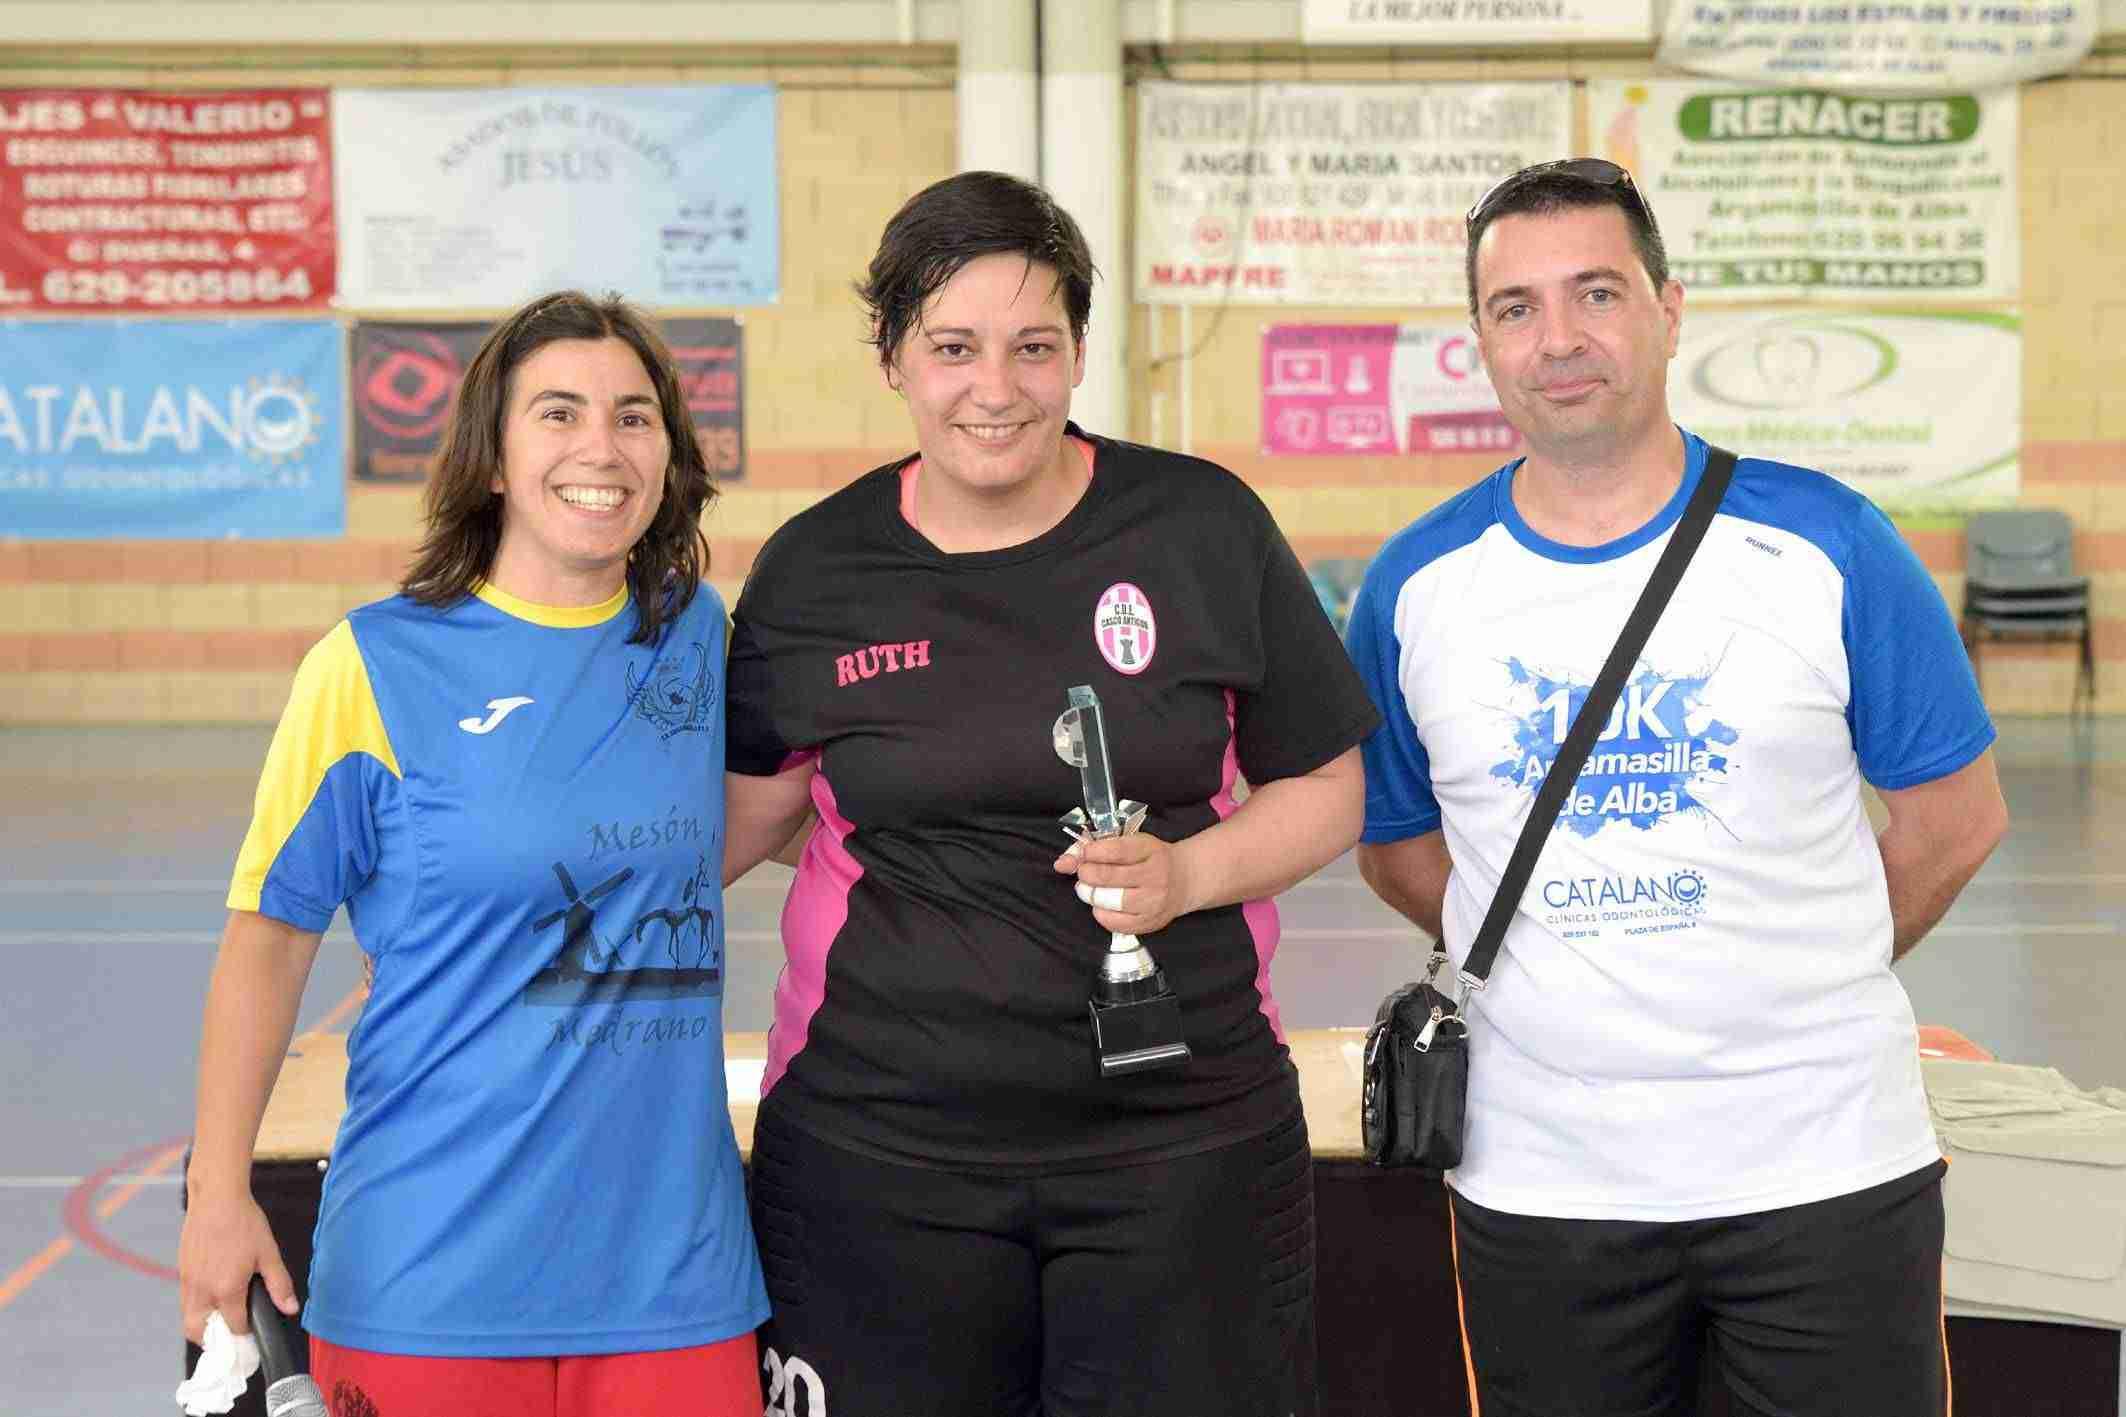 Igualdad en el VII Torneo de Fútbol Sala Femenino de Argamasilla de Alba 1